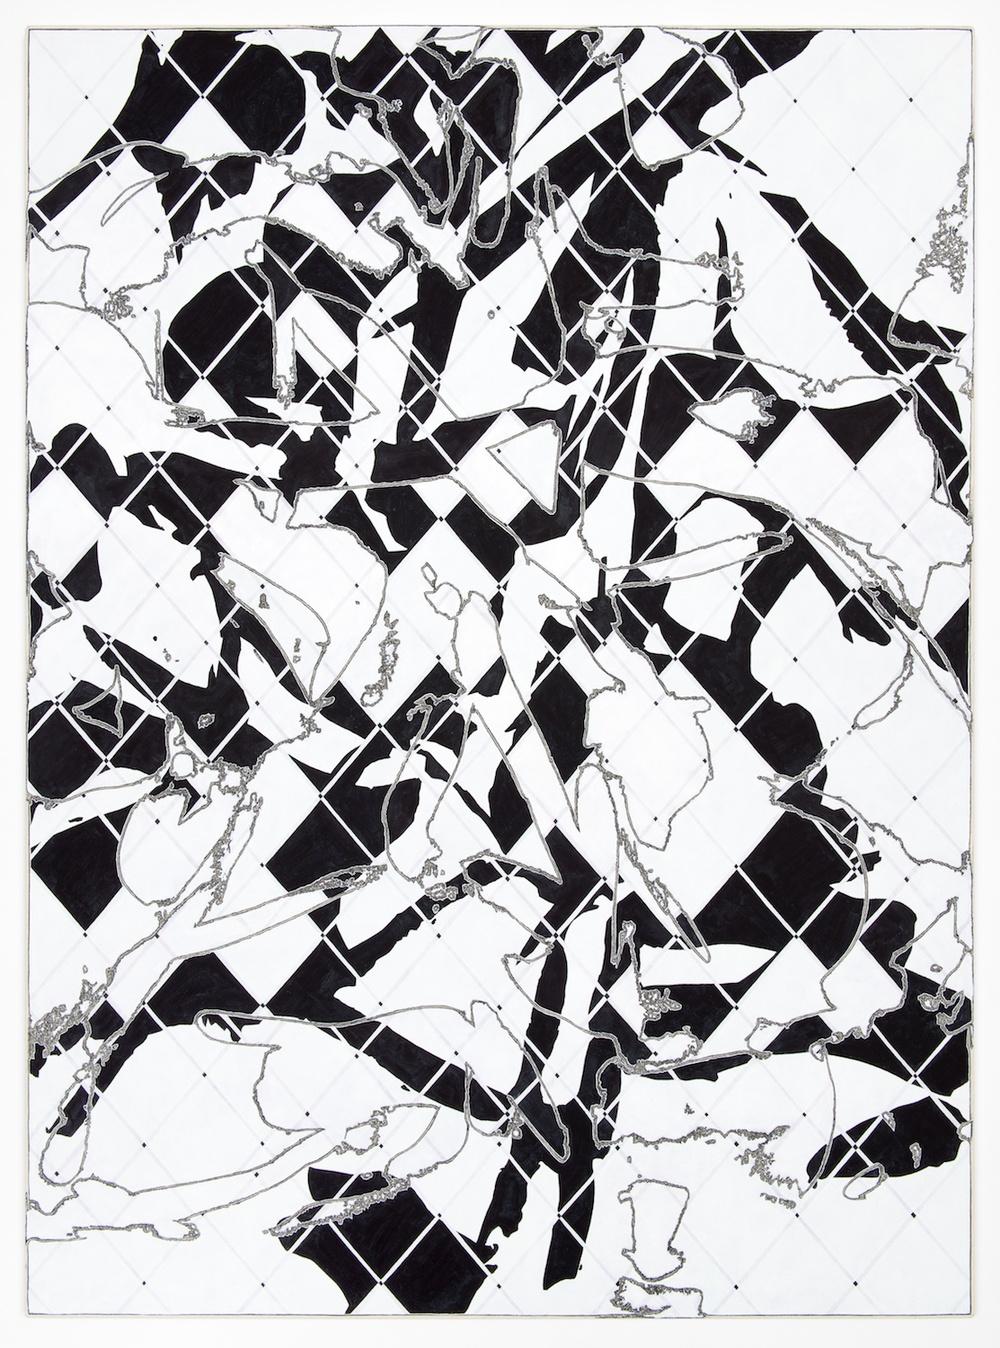 """Zak Prekop Two Grids  2013 Oil on canvas 57 1/4"""" x 42 1/4"""" ZP268"""